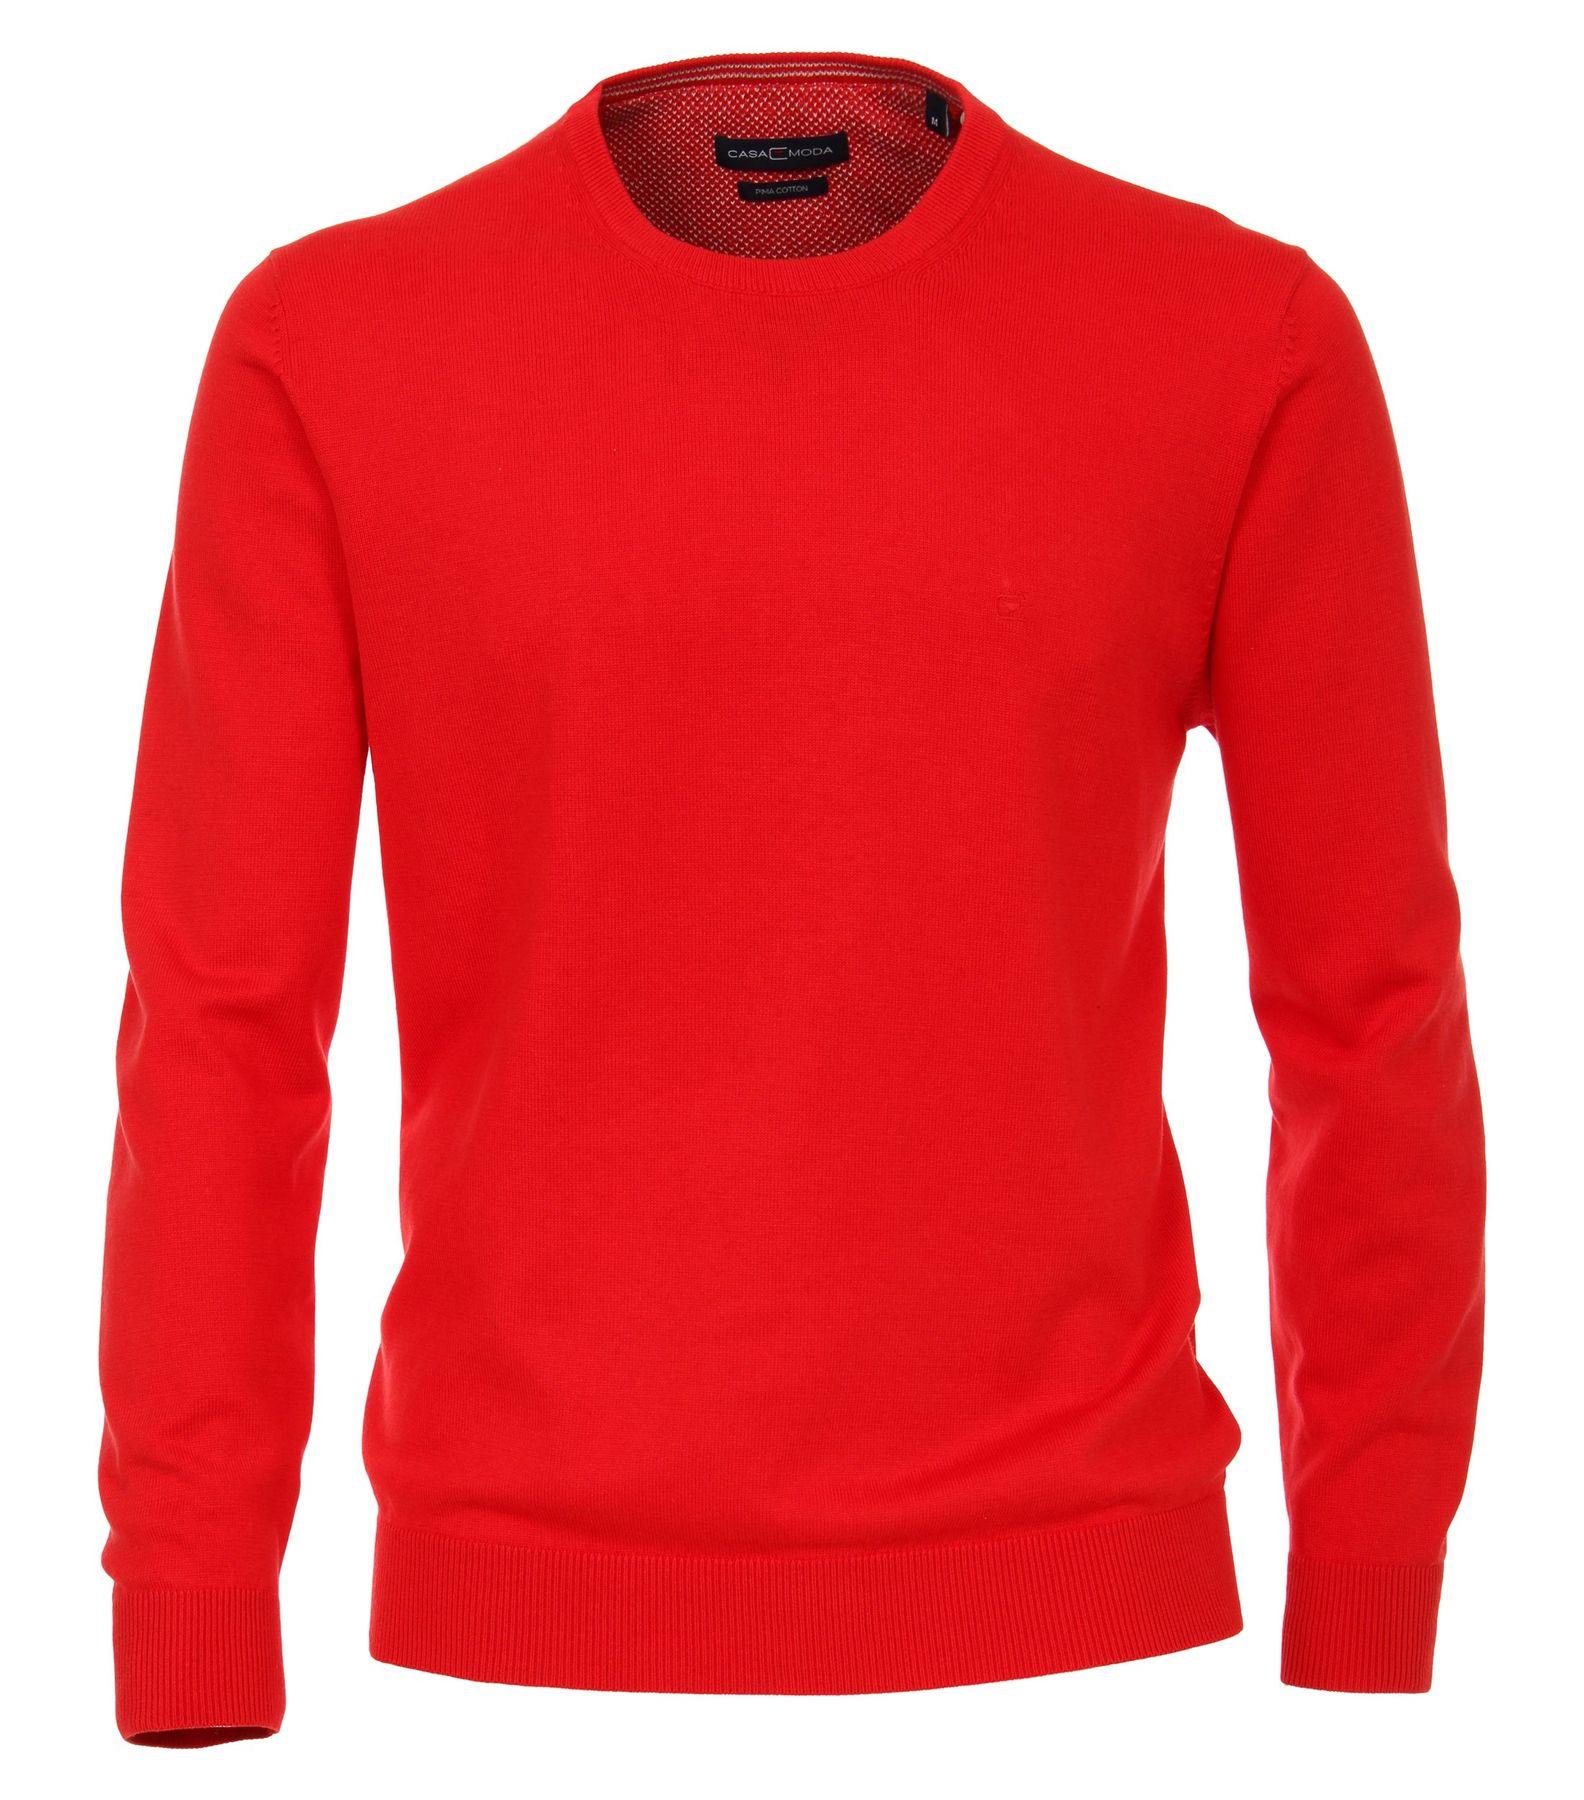 Bundle - Casa Moda - Herren Pullover mit Rundhals-Ausschnitt unifarben in verschiedenen Farben (004420) – Bild 3